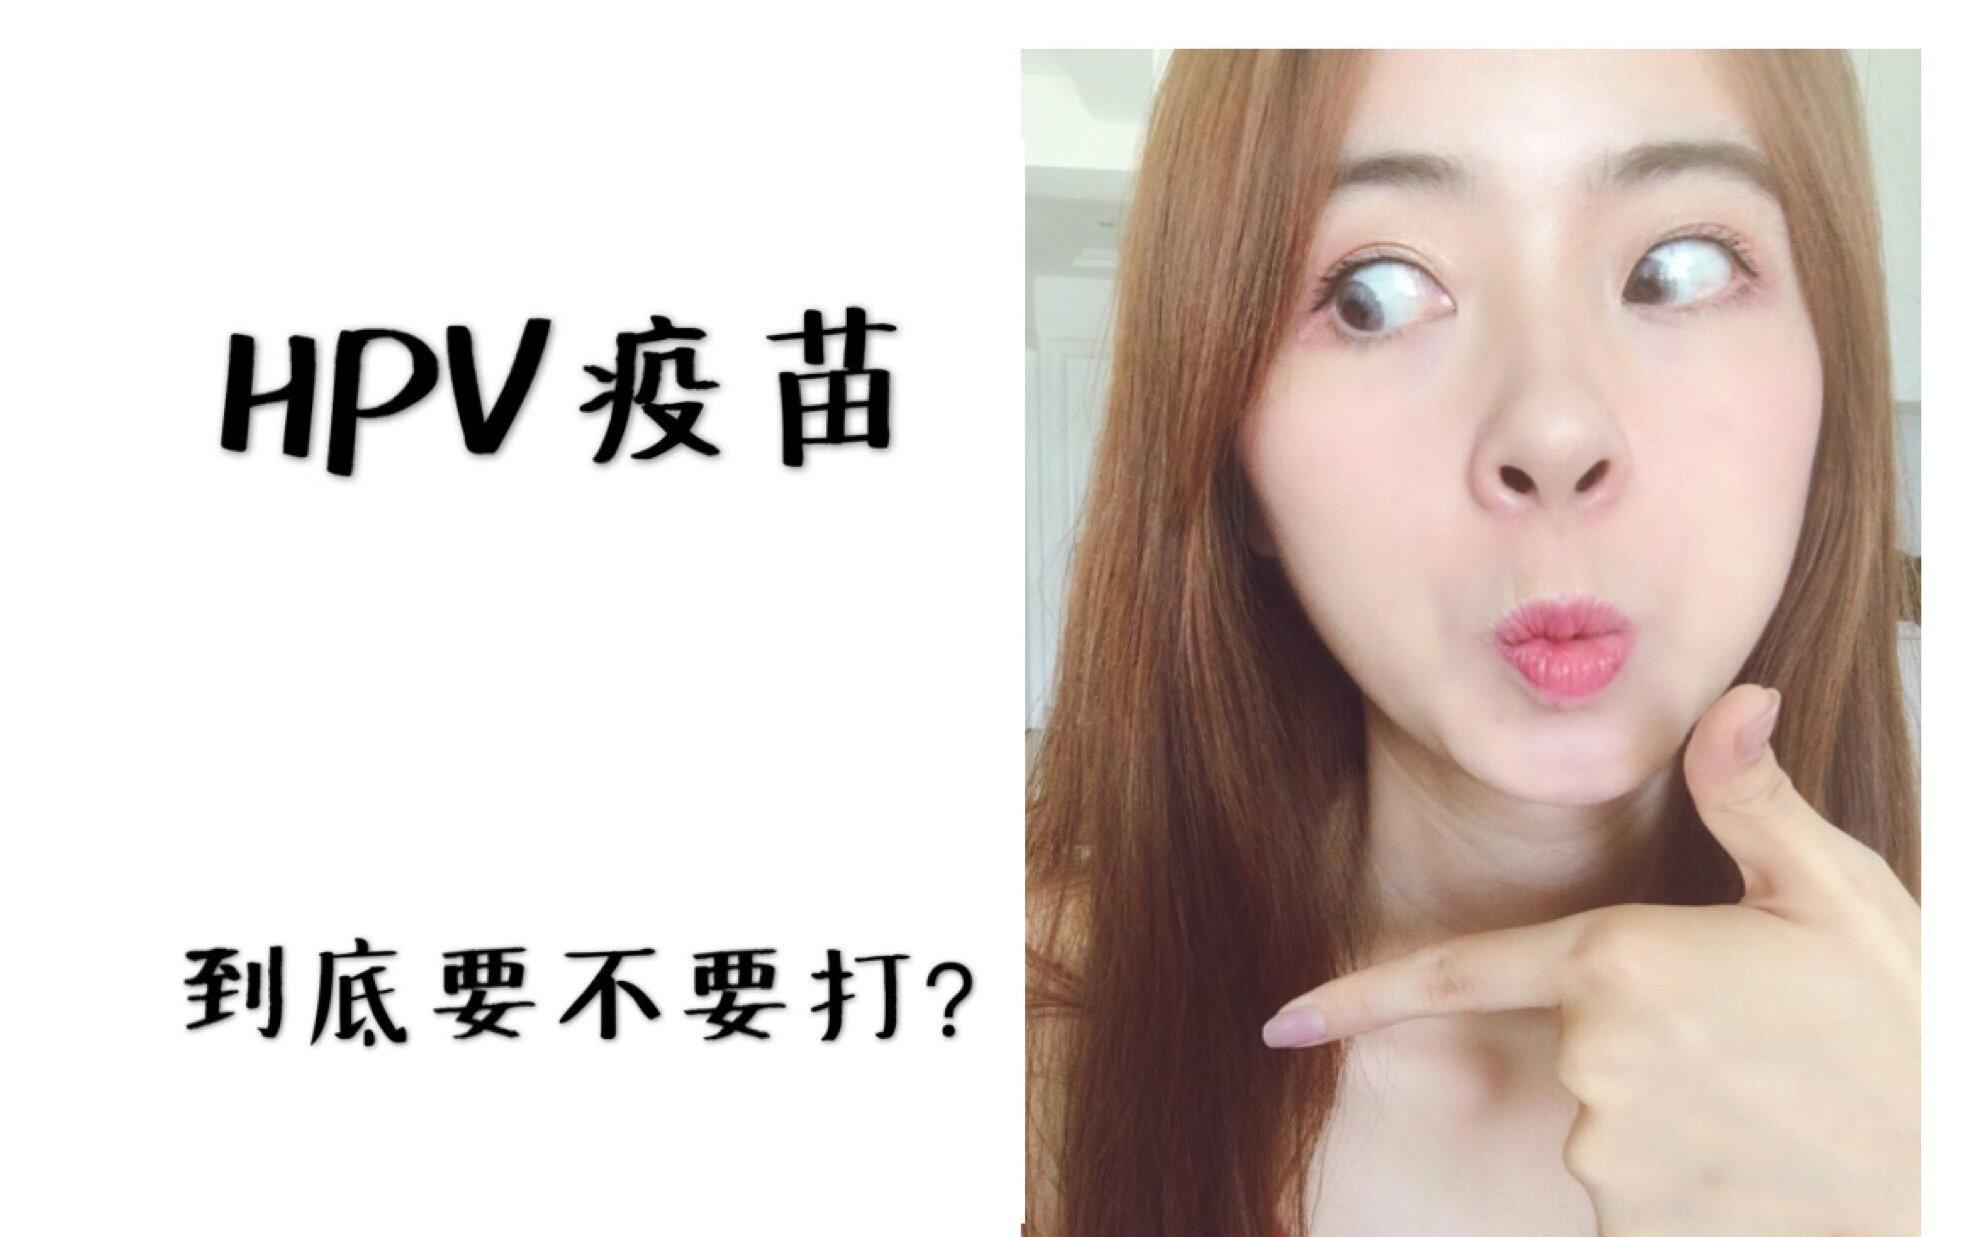 台湾接种HPV疫苗@瑞庚台医